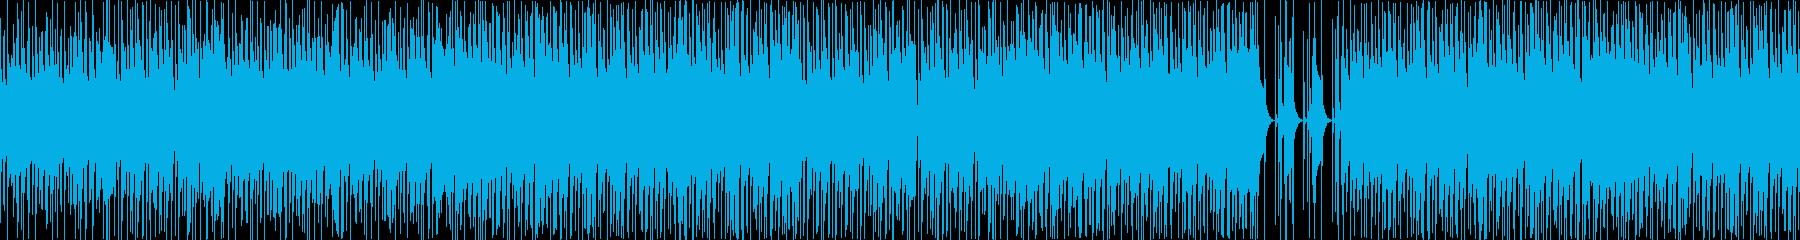 ファンキーなベースとドラムジャズの再生済みの波形